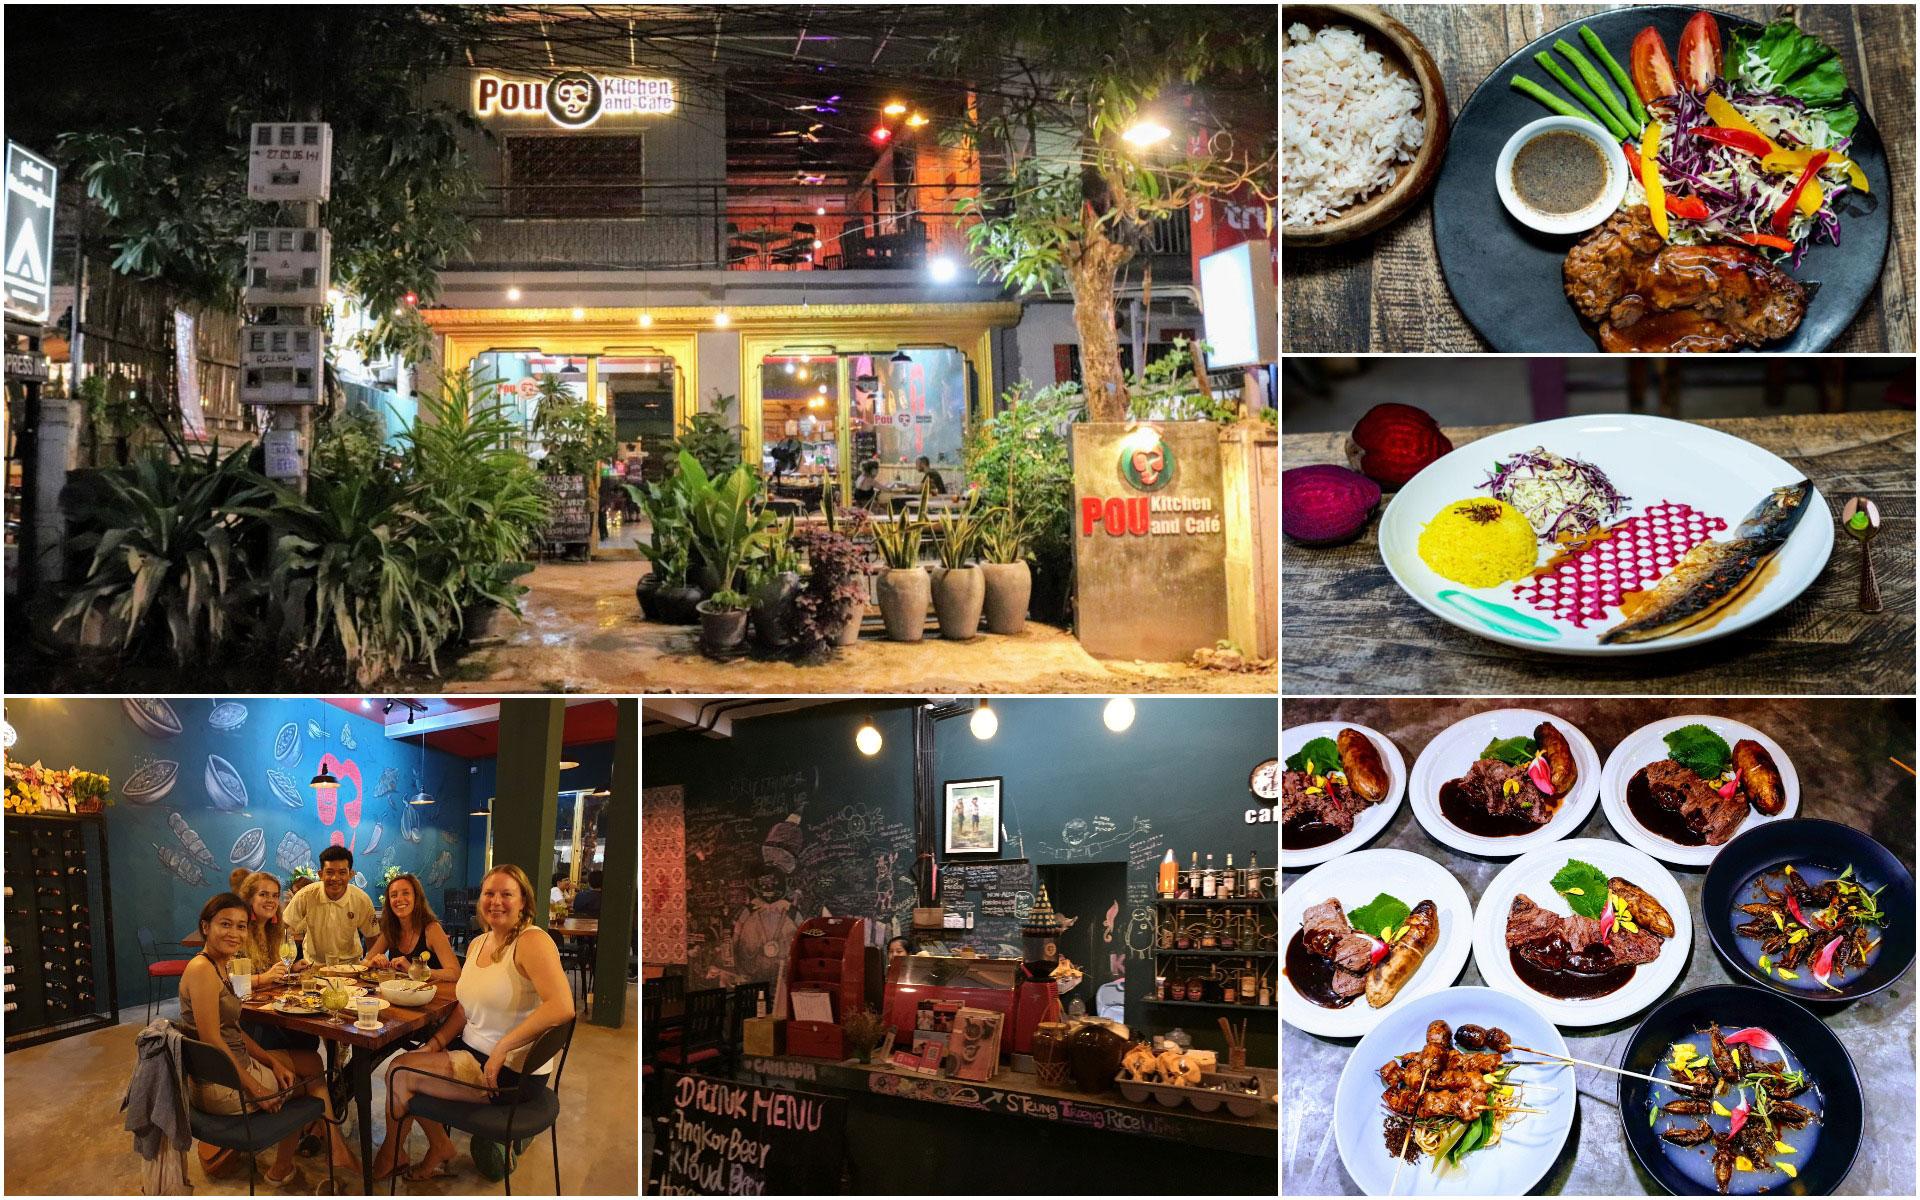 Pou Kitchen and Cafe siem reap